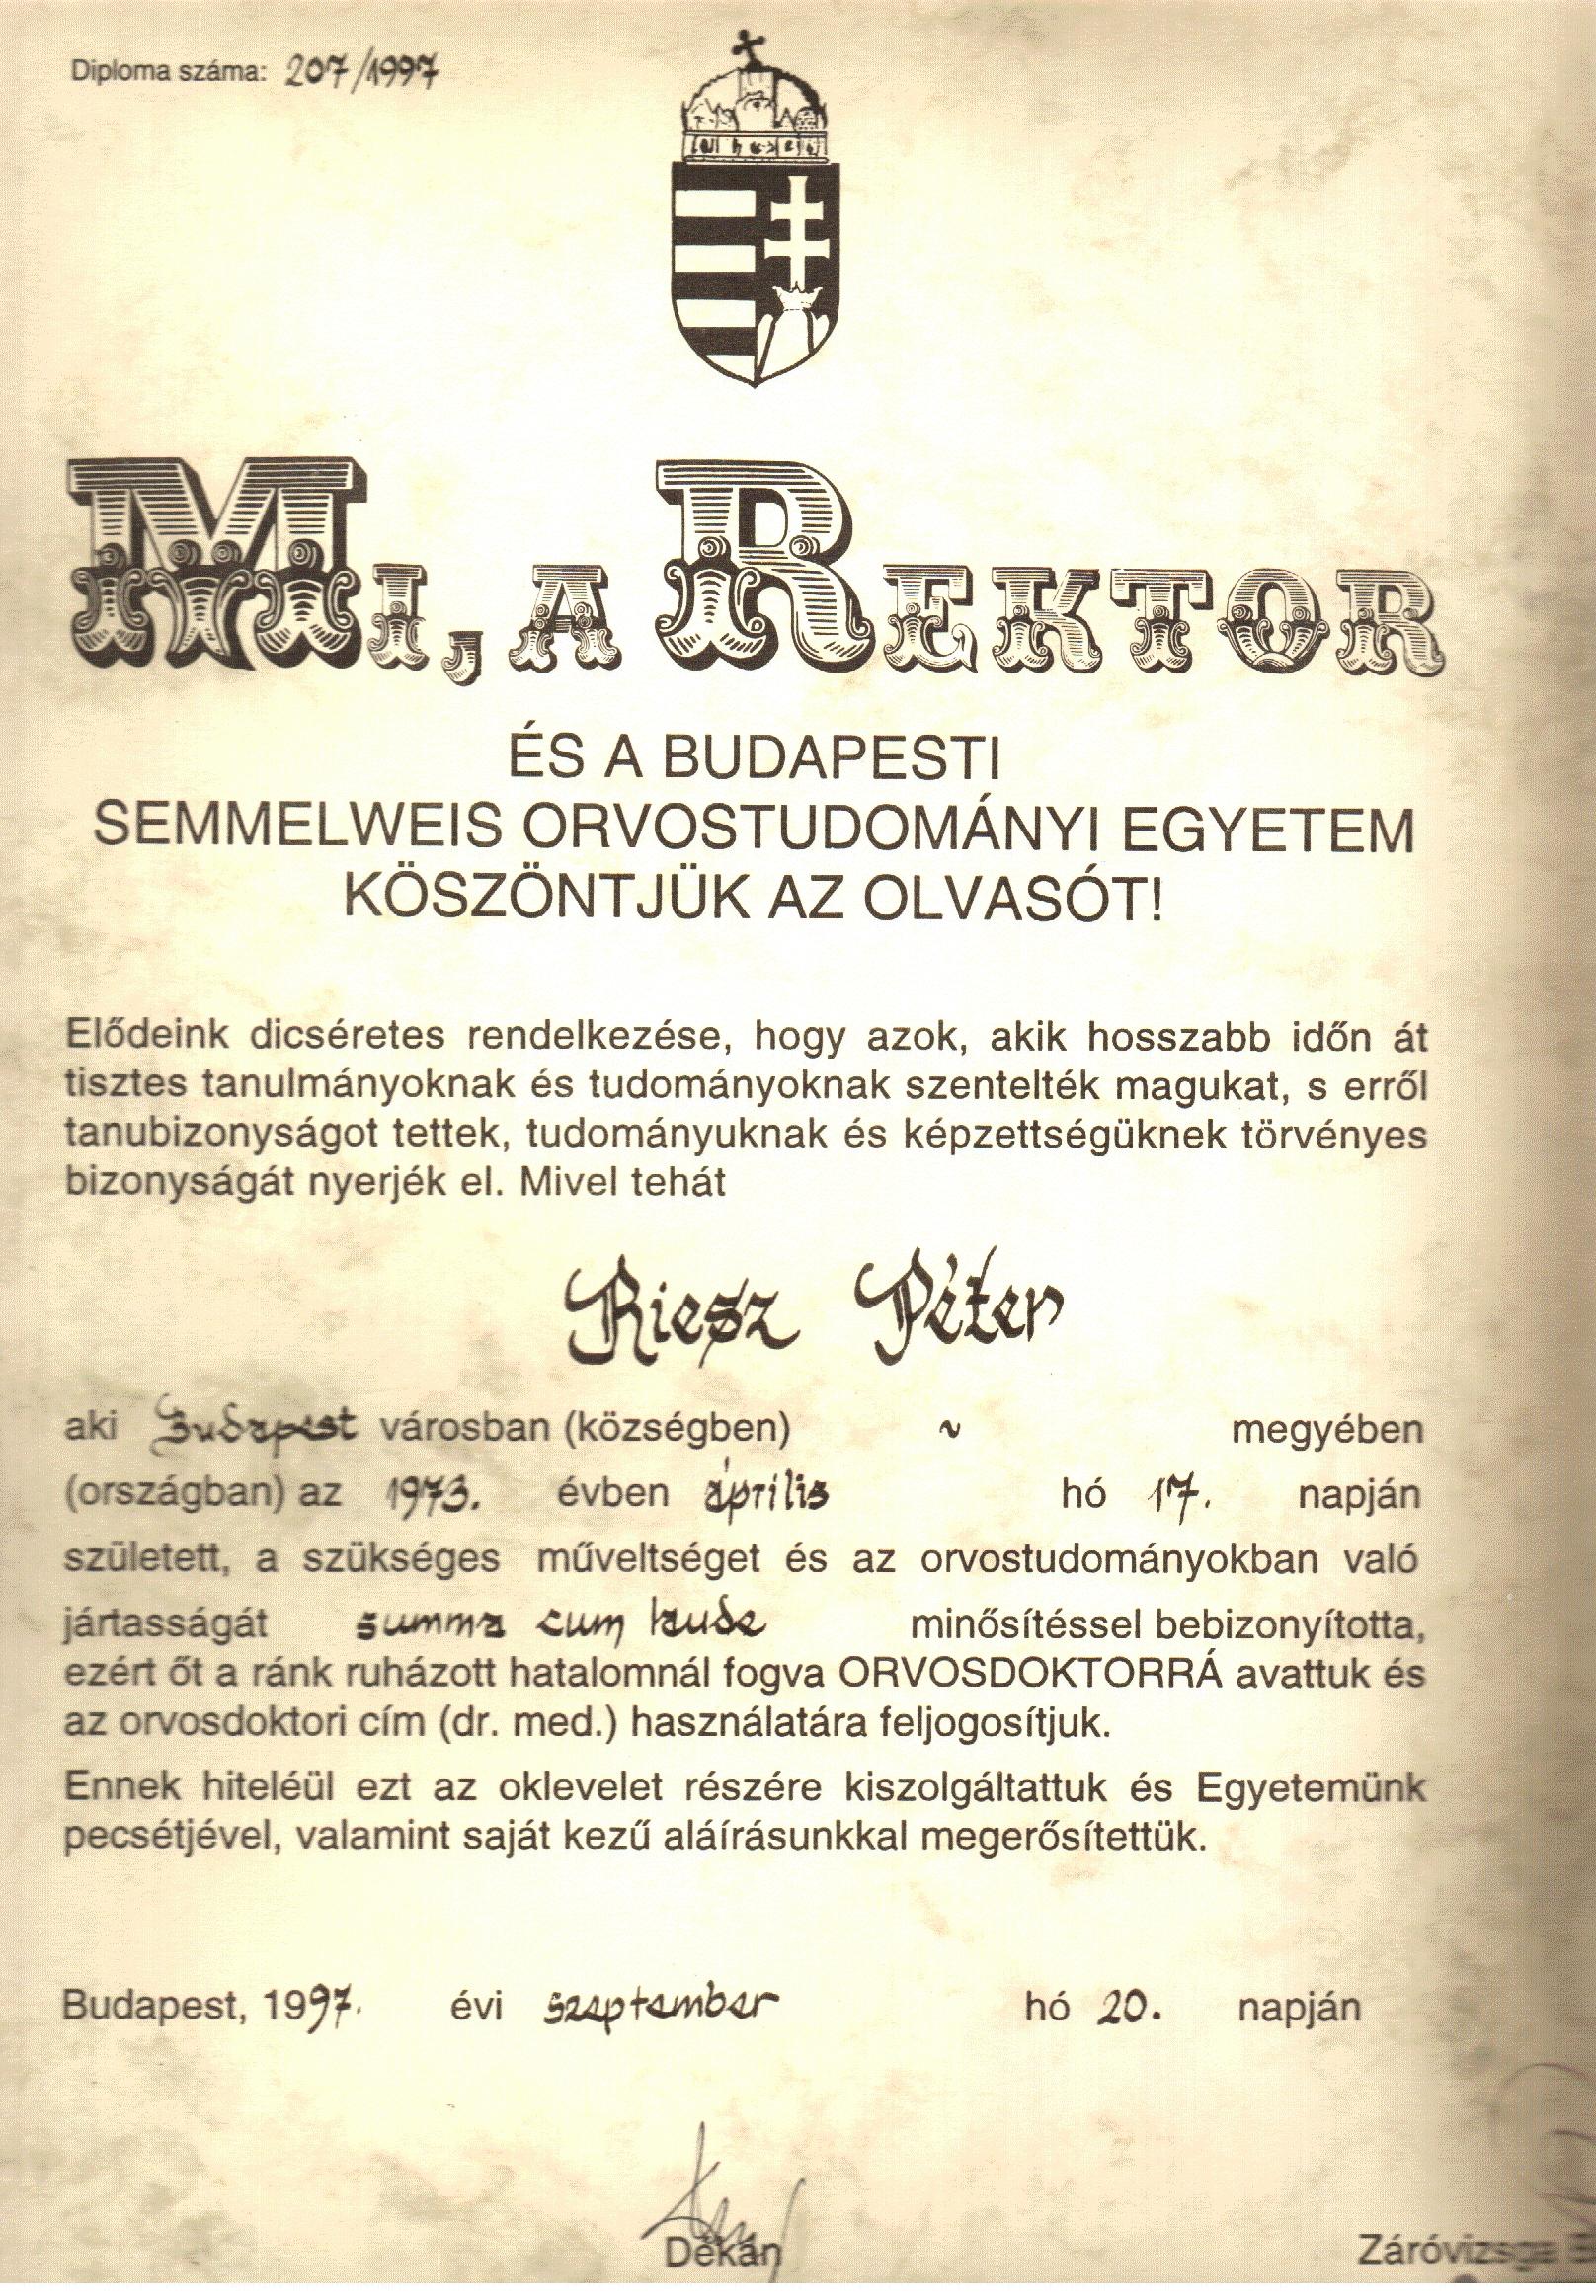 merevedés 56 év után)